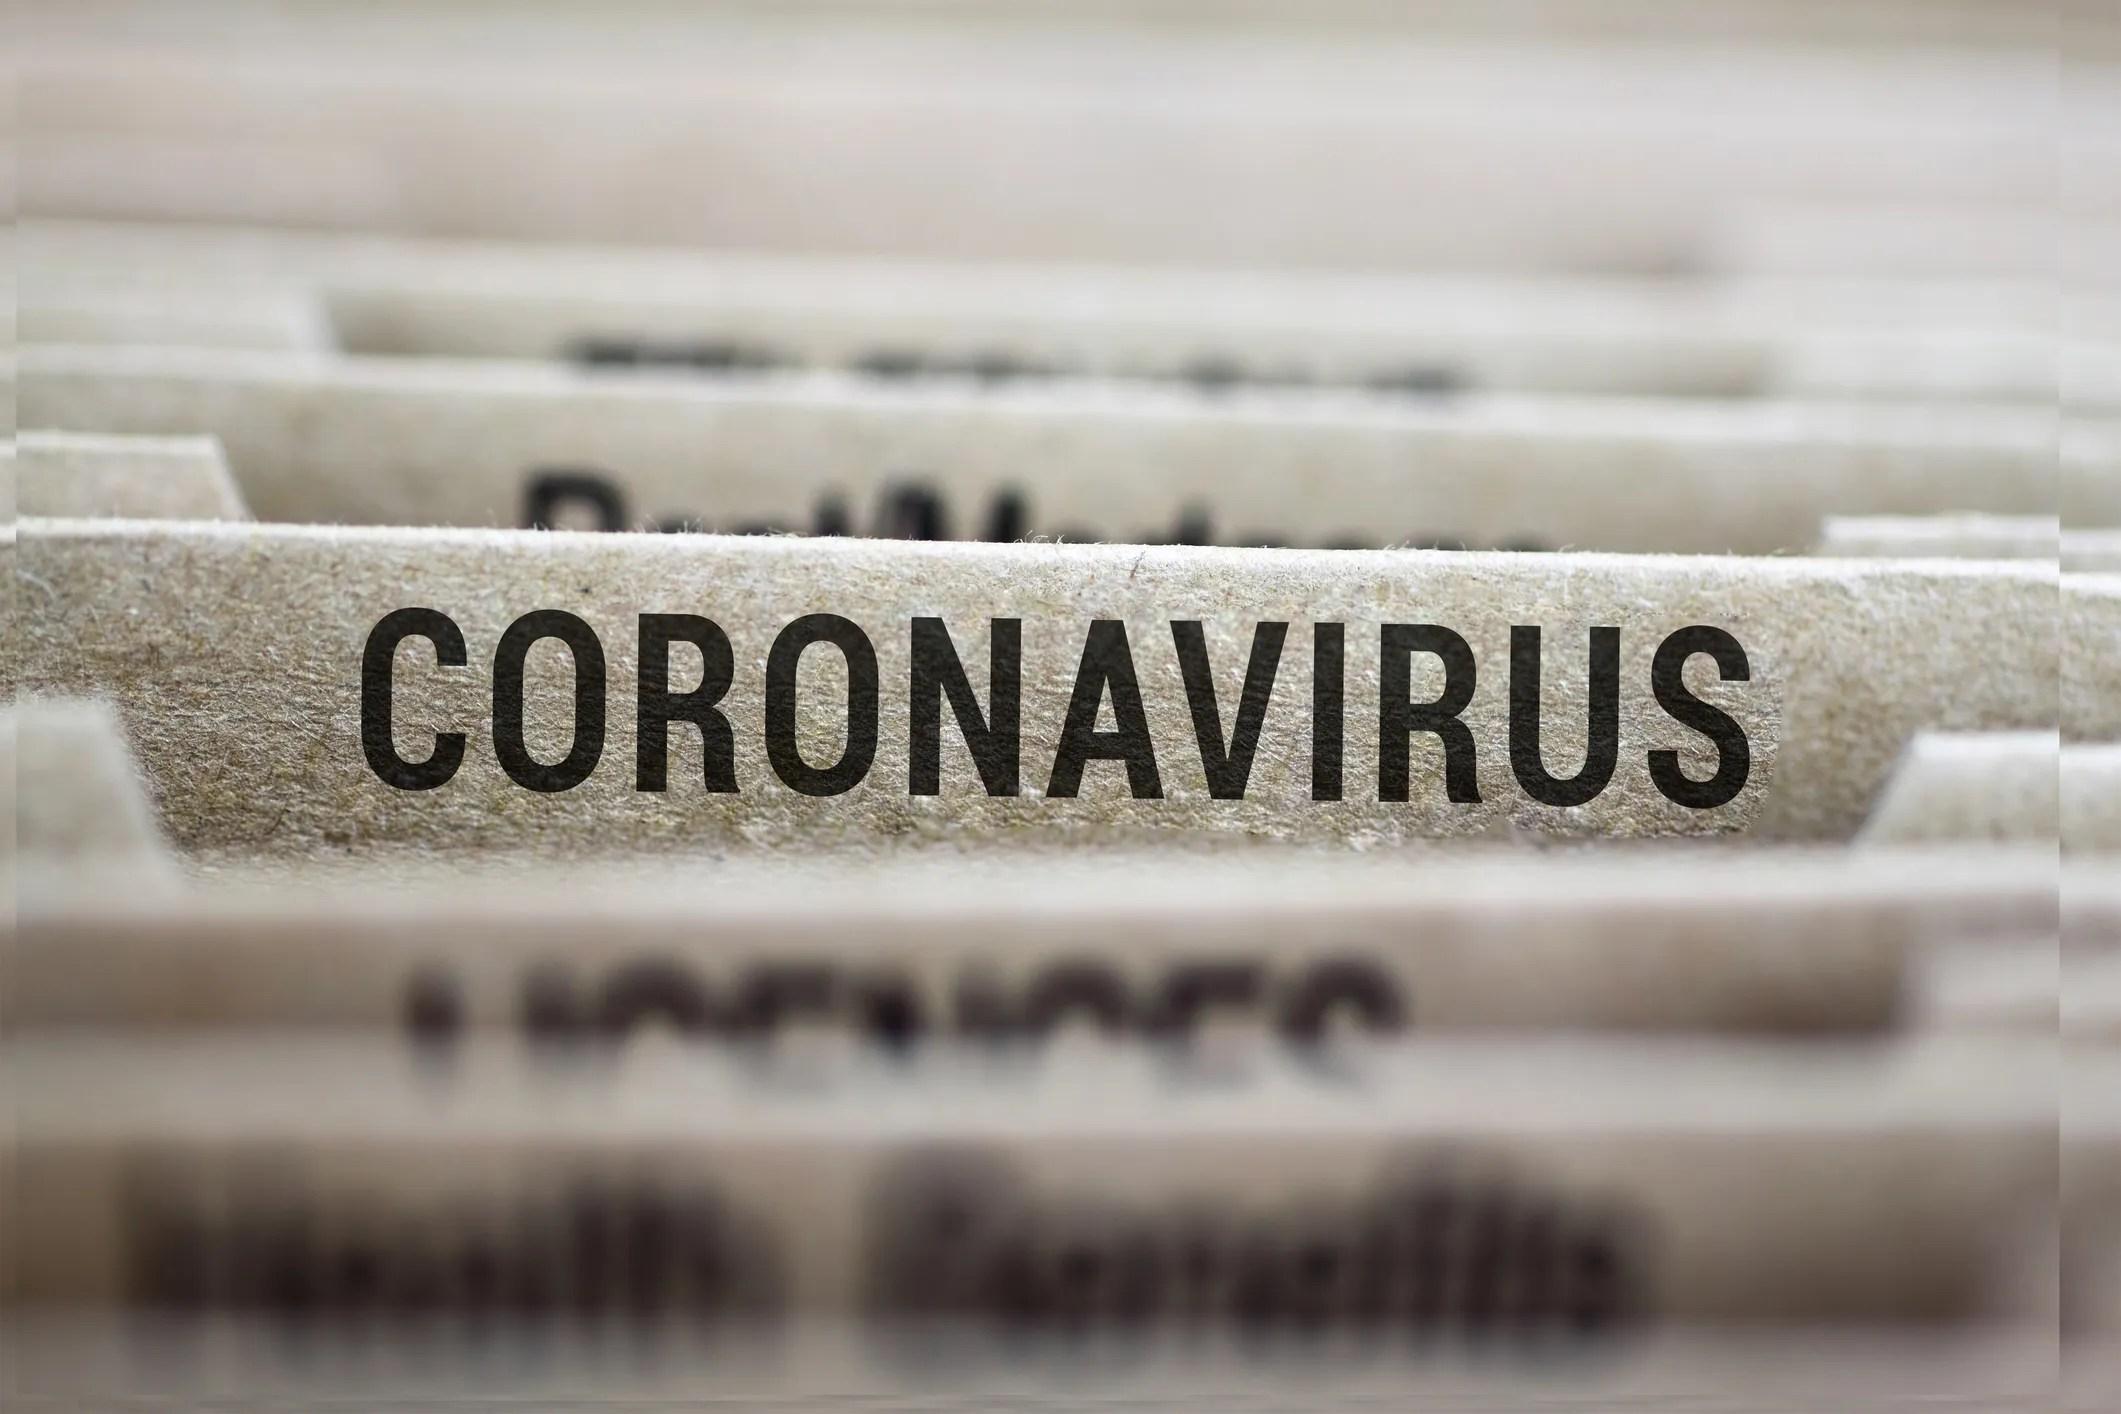 Coronavirus emergency center in Broome monitors communication